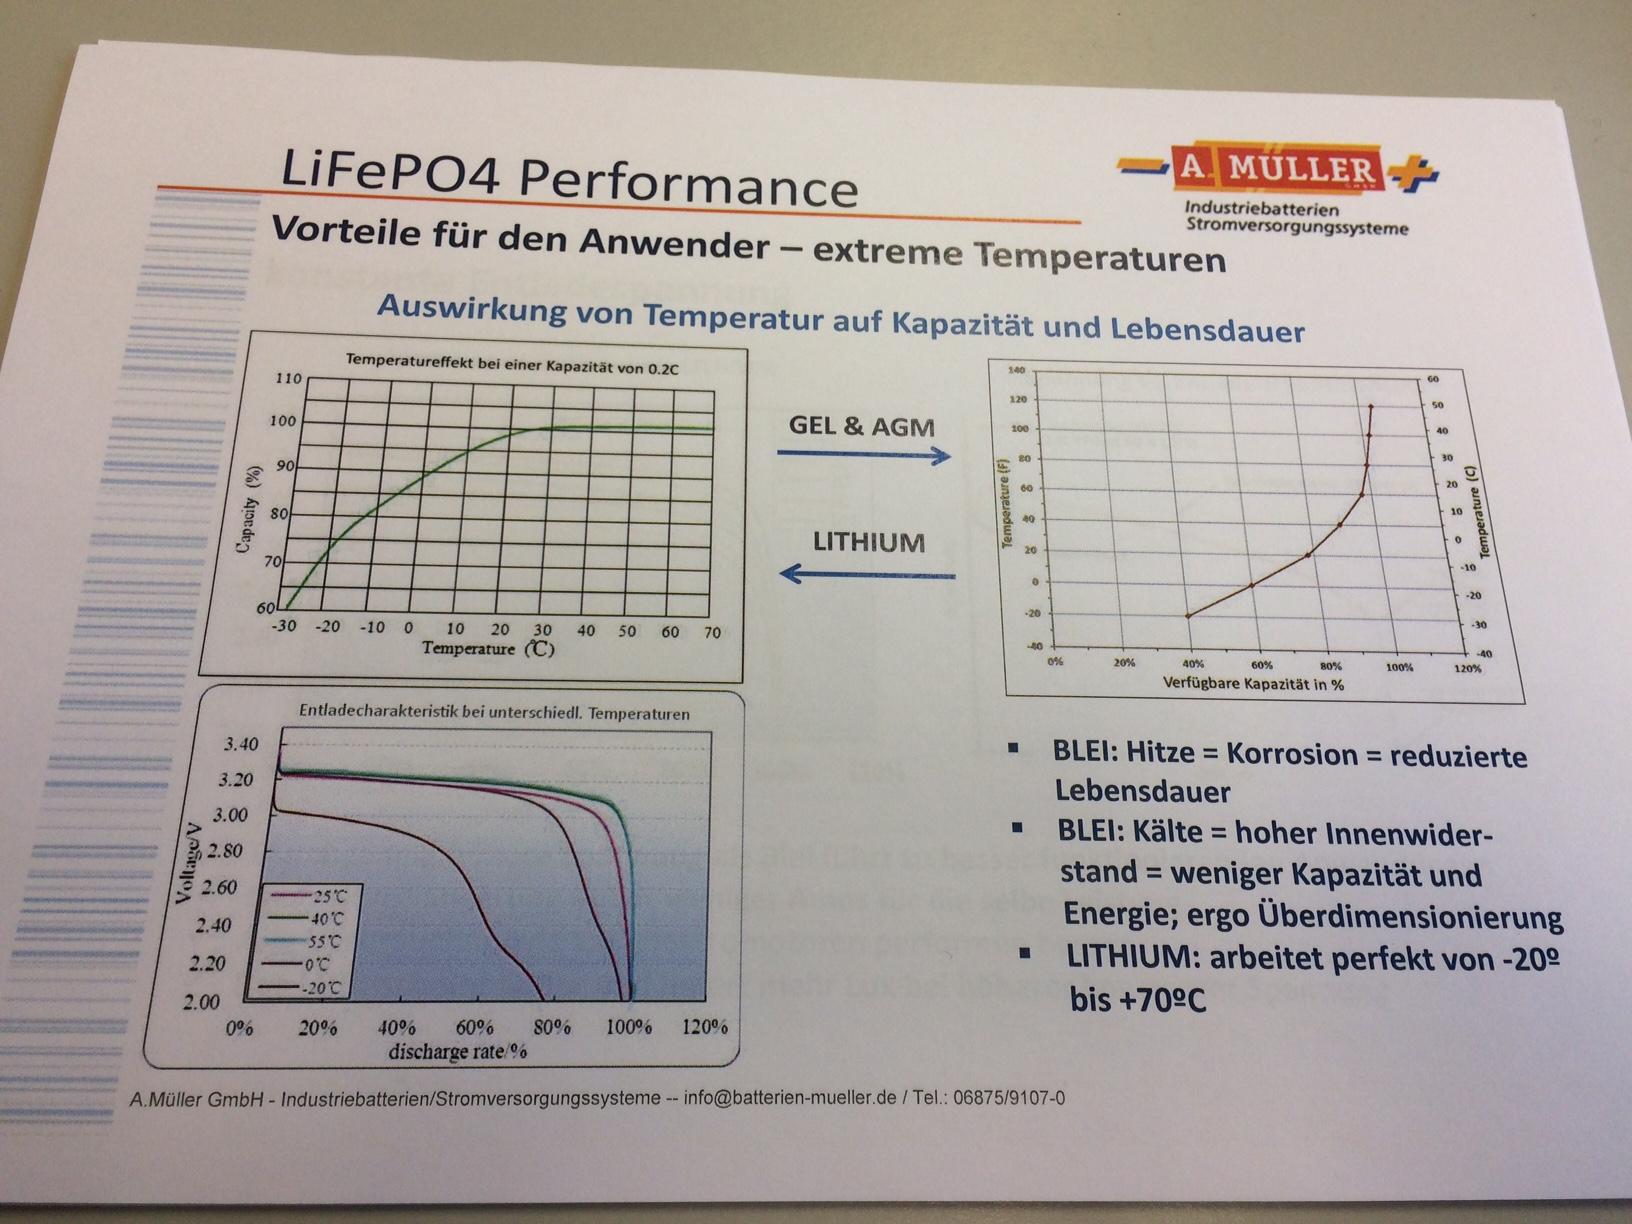 Grafik zeigt die Auswirkung von Temperaturschwankungen auf verschiedene Batterietypen